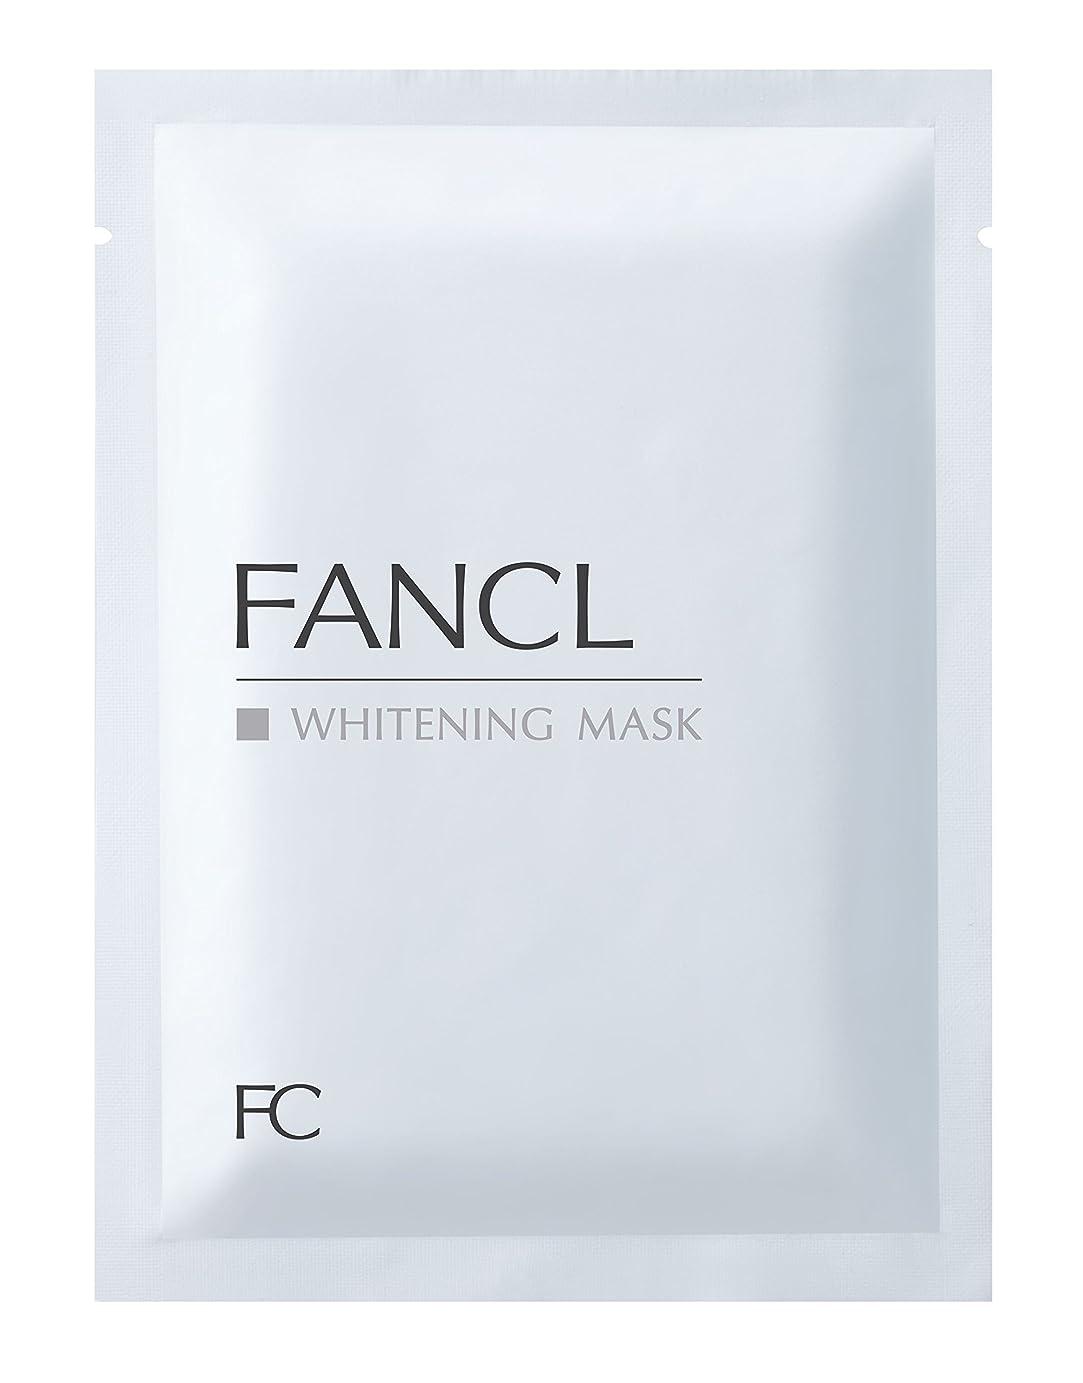 テンポシャンプーお金(旧)ファンケル(FANCL) ホワイトニング マスク<医薬部外品> 21mL×6枚